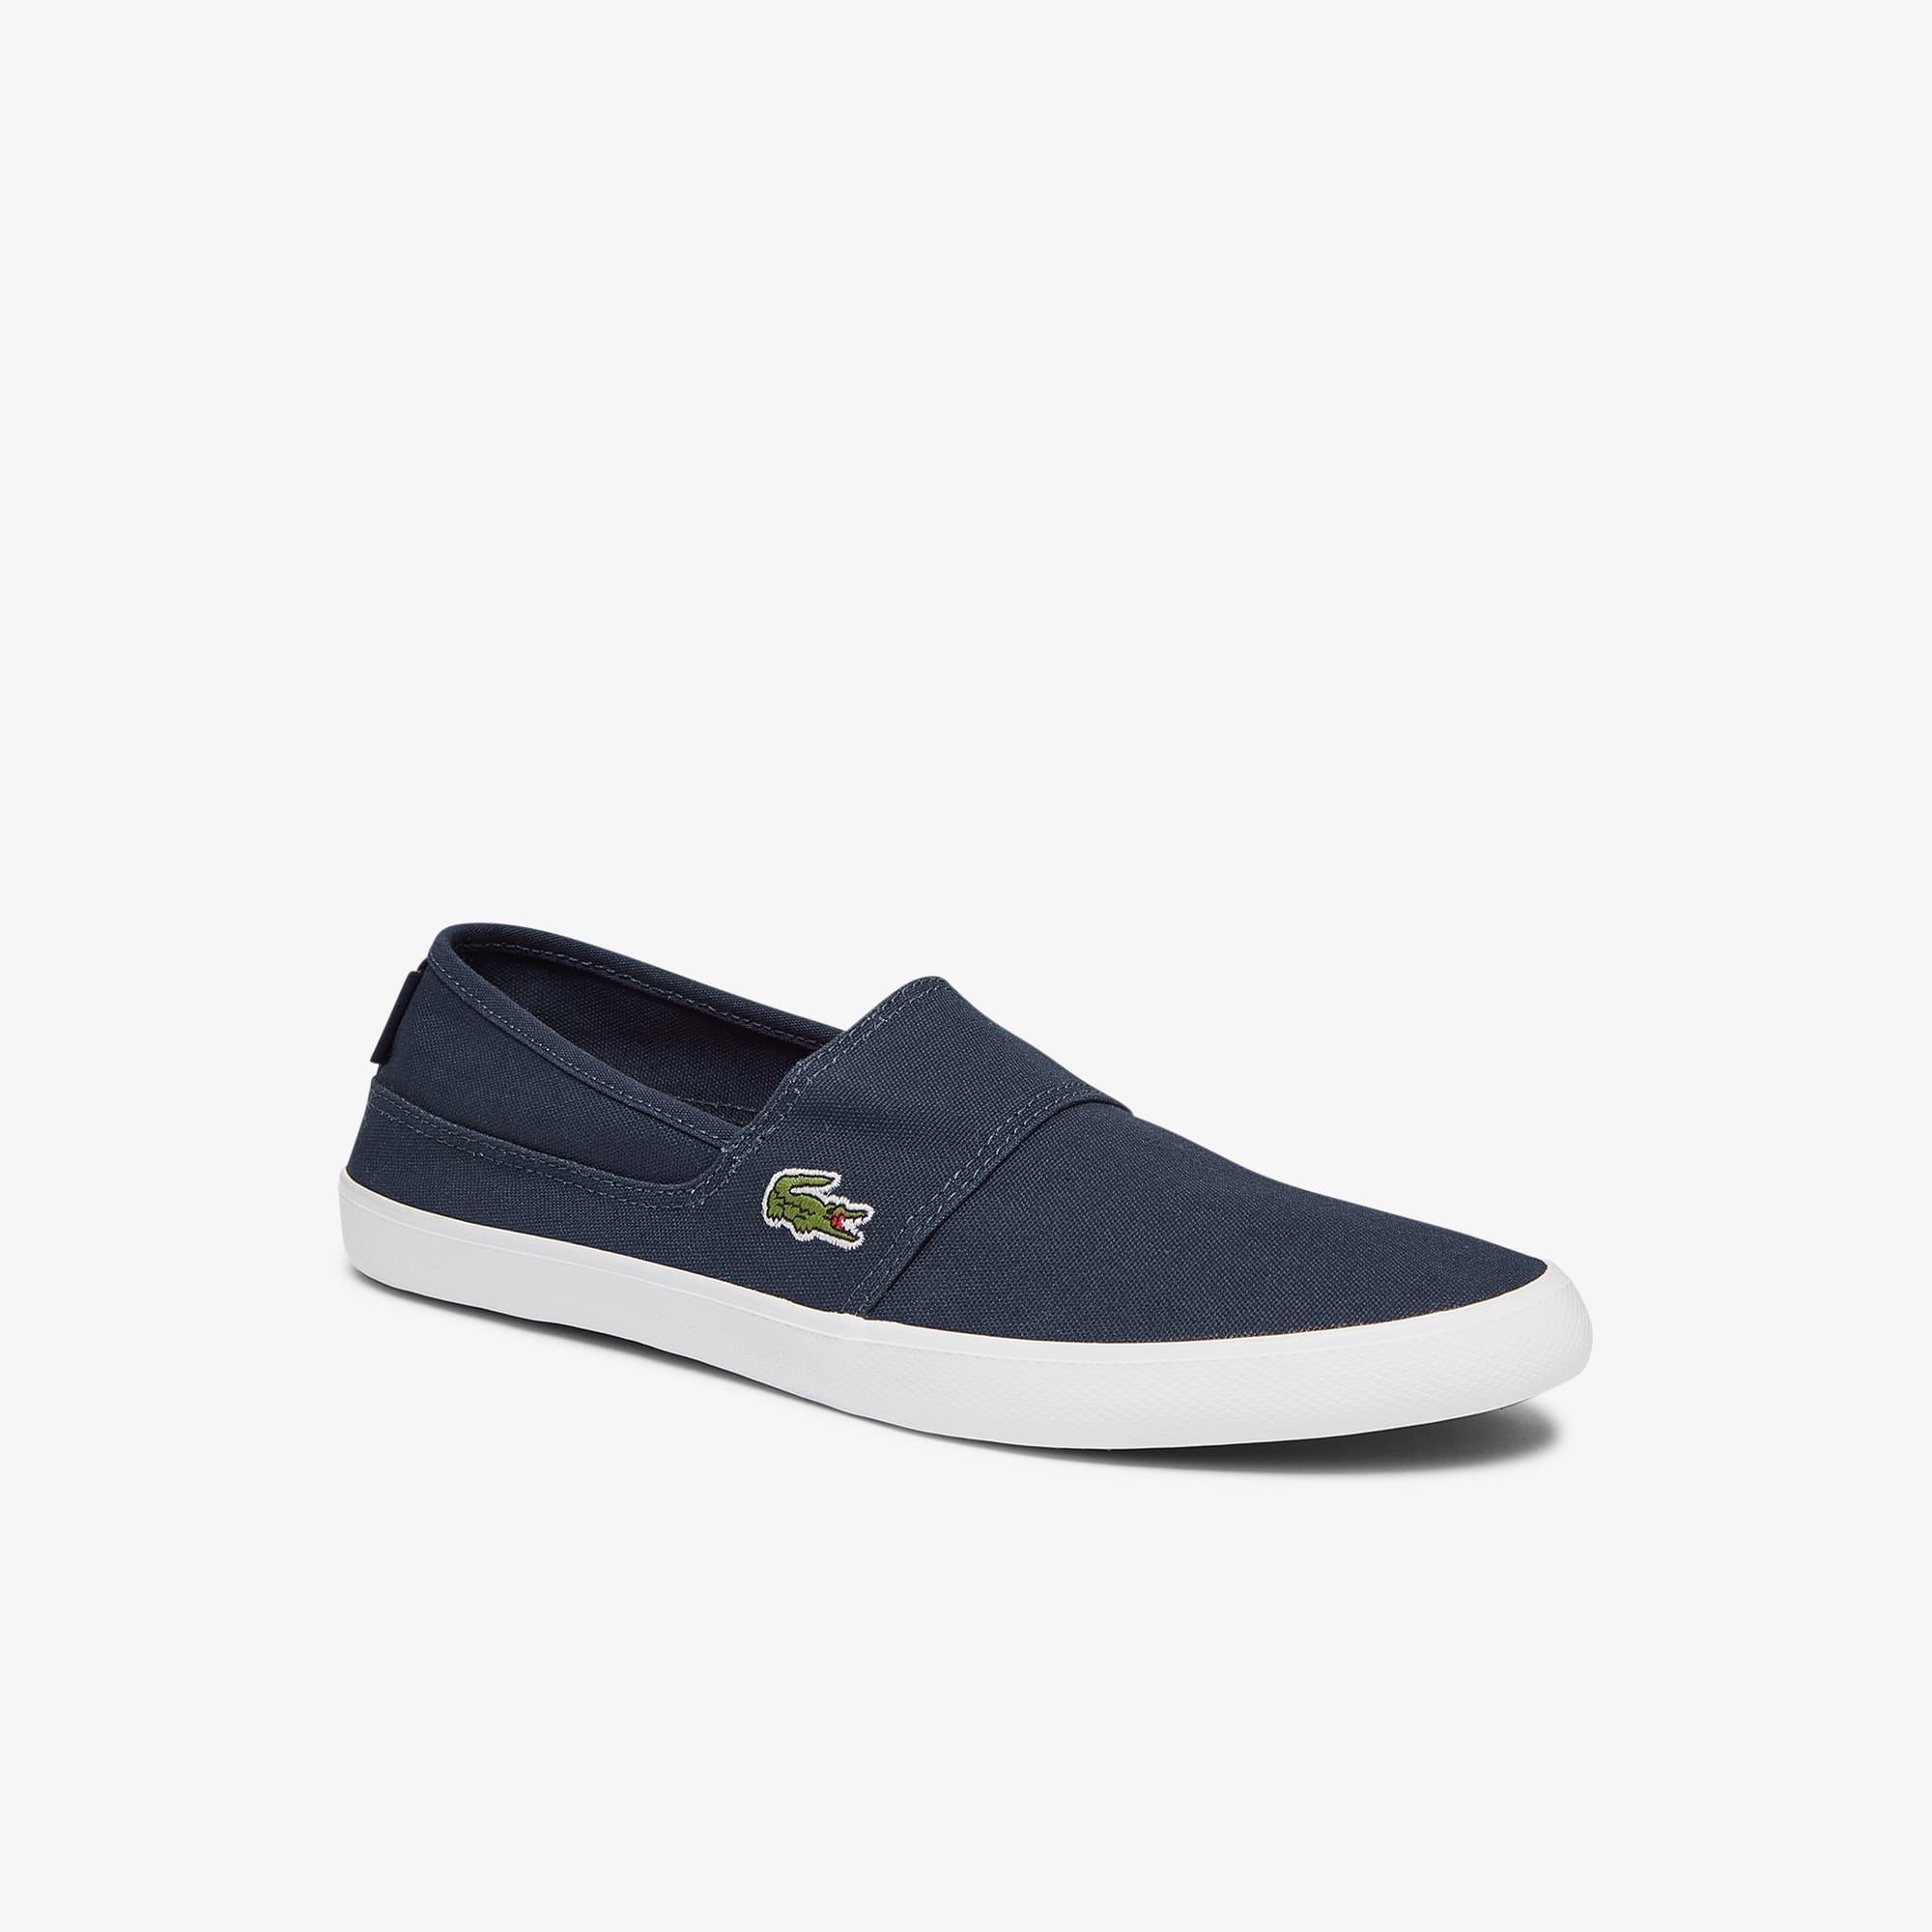 14c1a1cb8 Colección de zapatillas de tela y lona